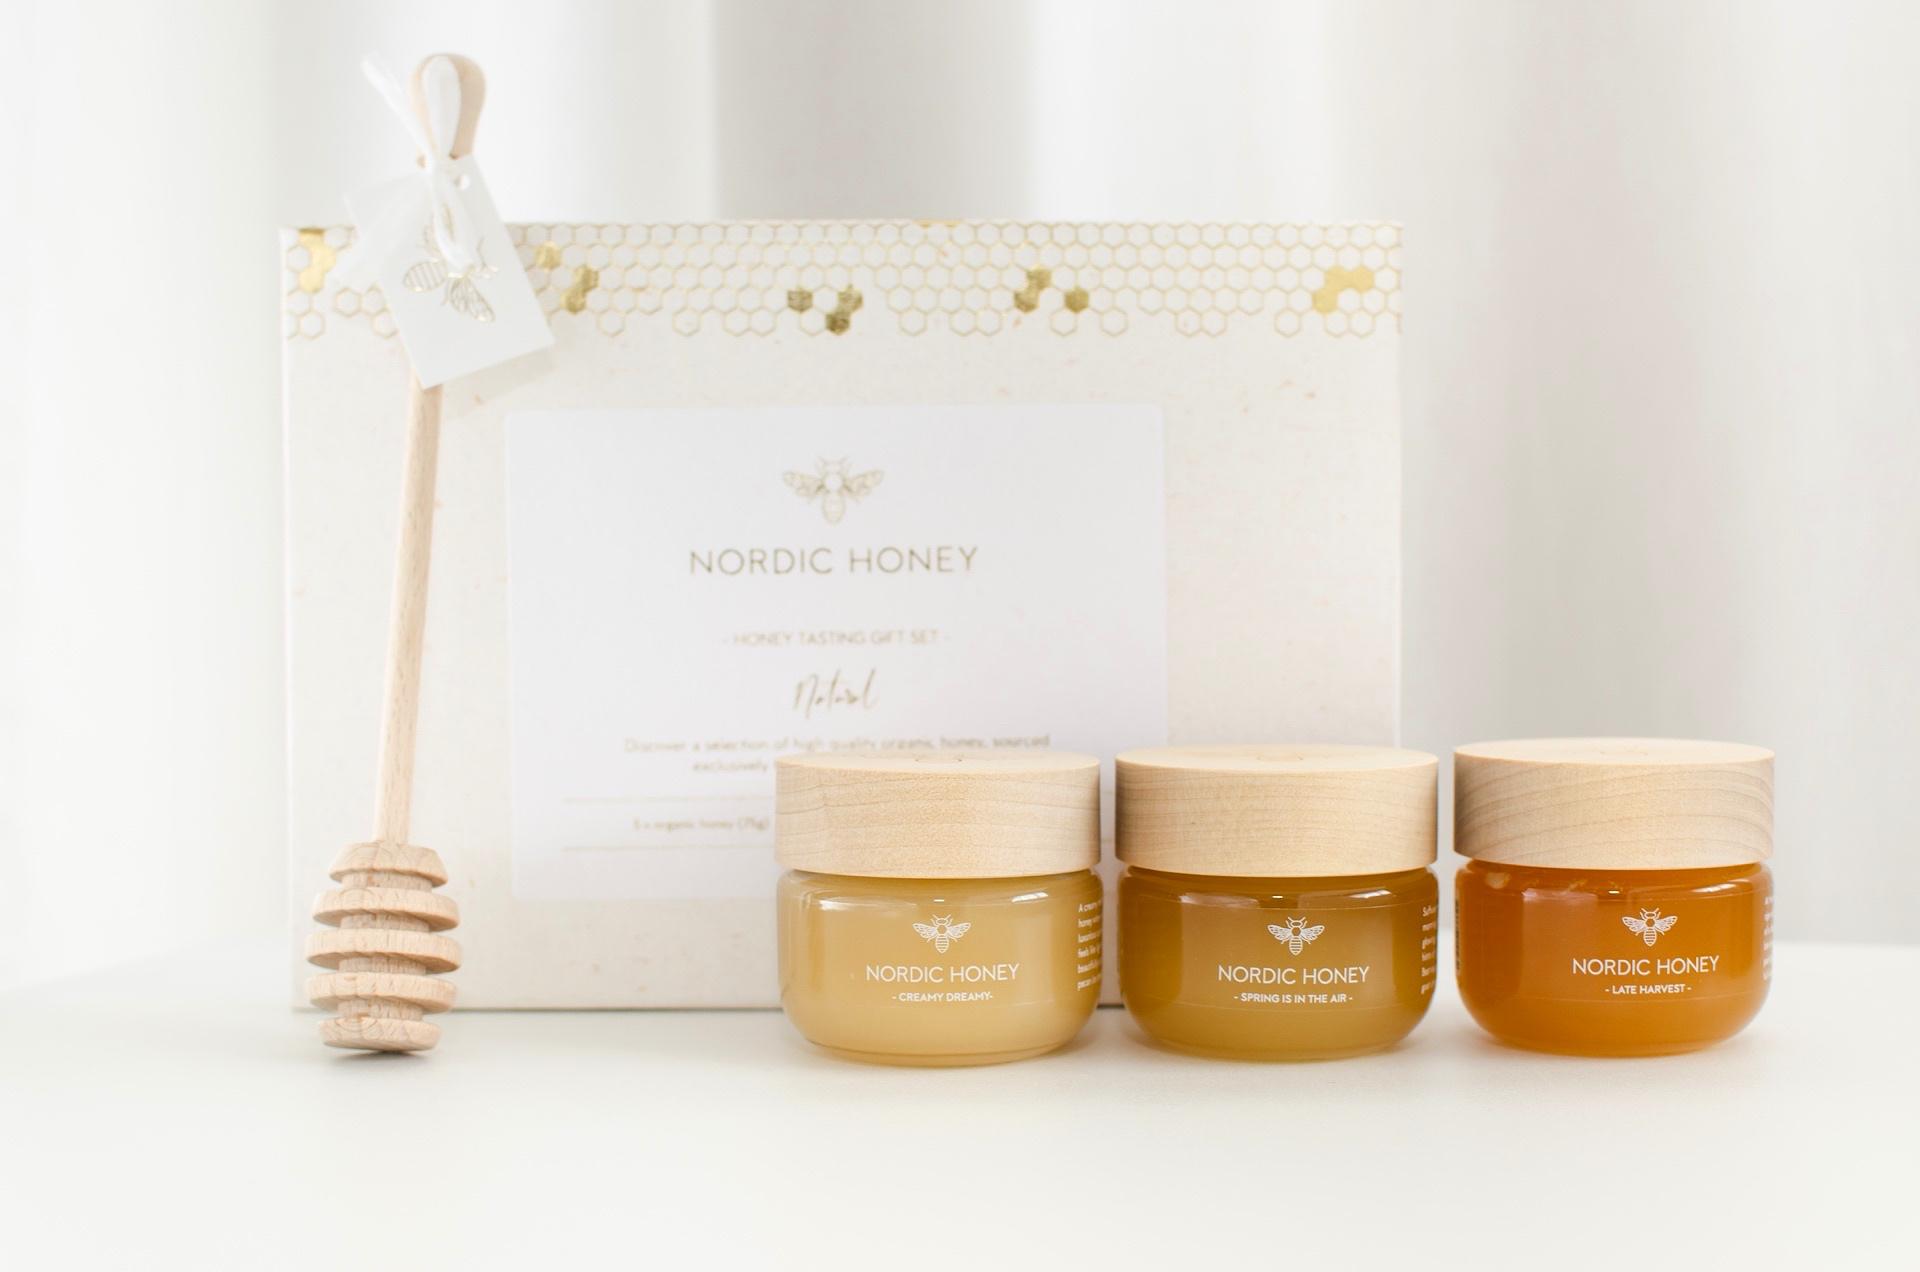 Nordic Honey_mee degusteerimise kinkekomplekt mahemeega_kinkemesi_puidust kaanega_firmakingitused jõuludeks